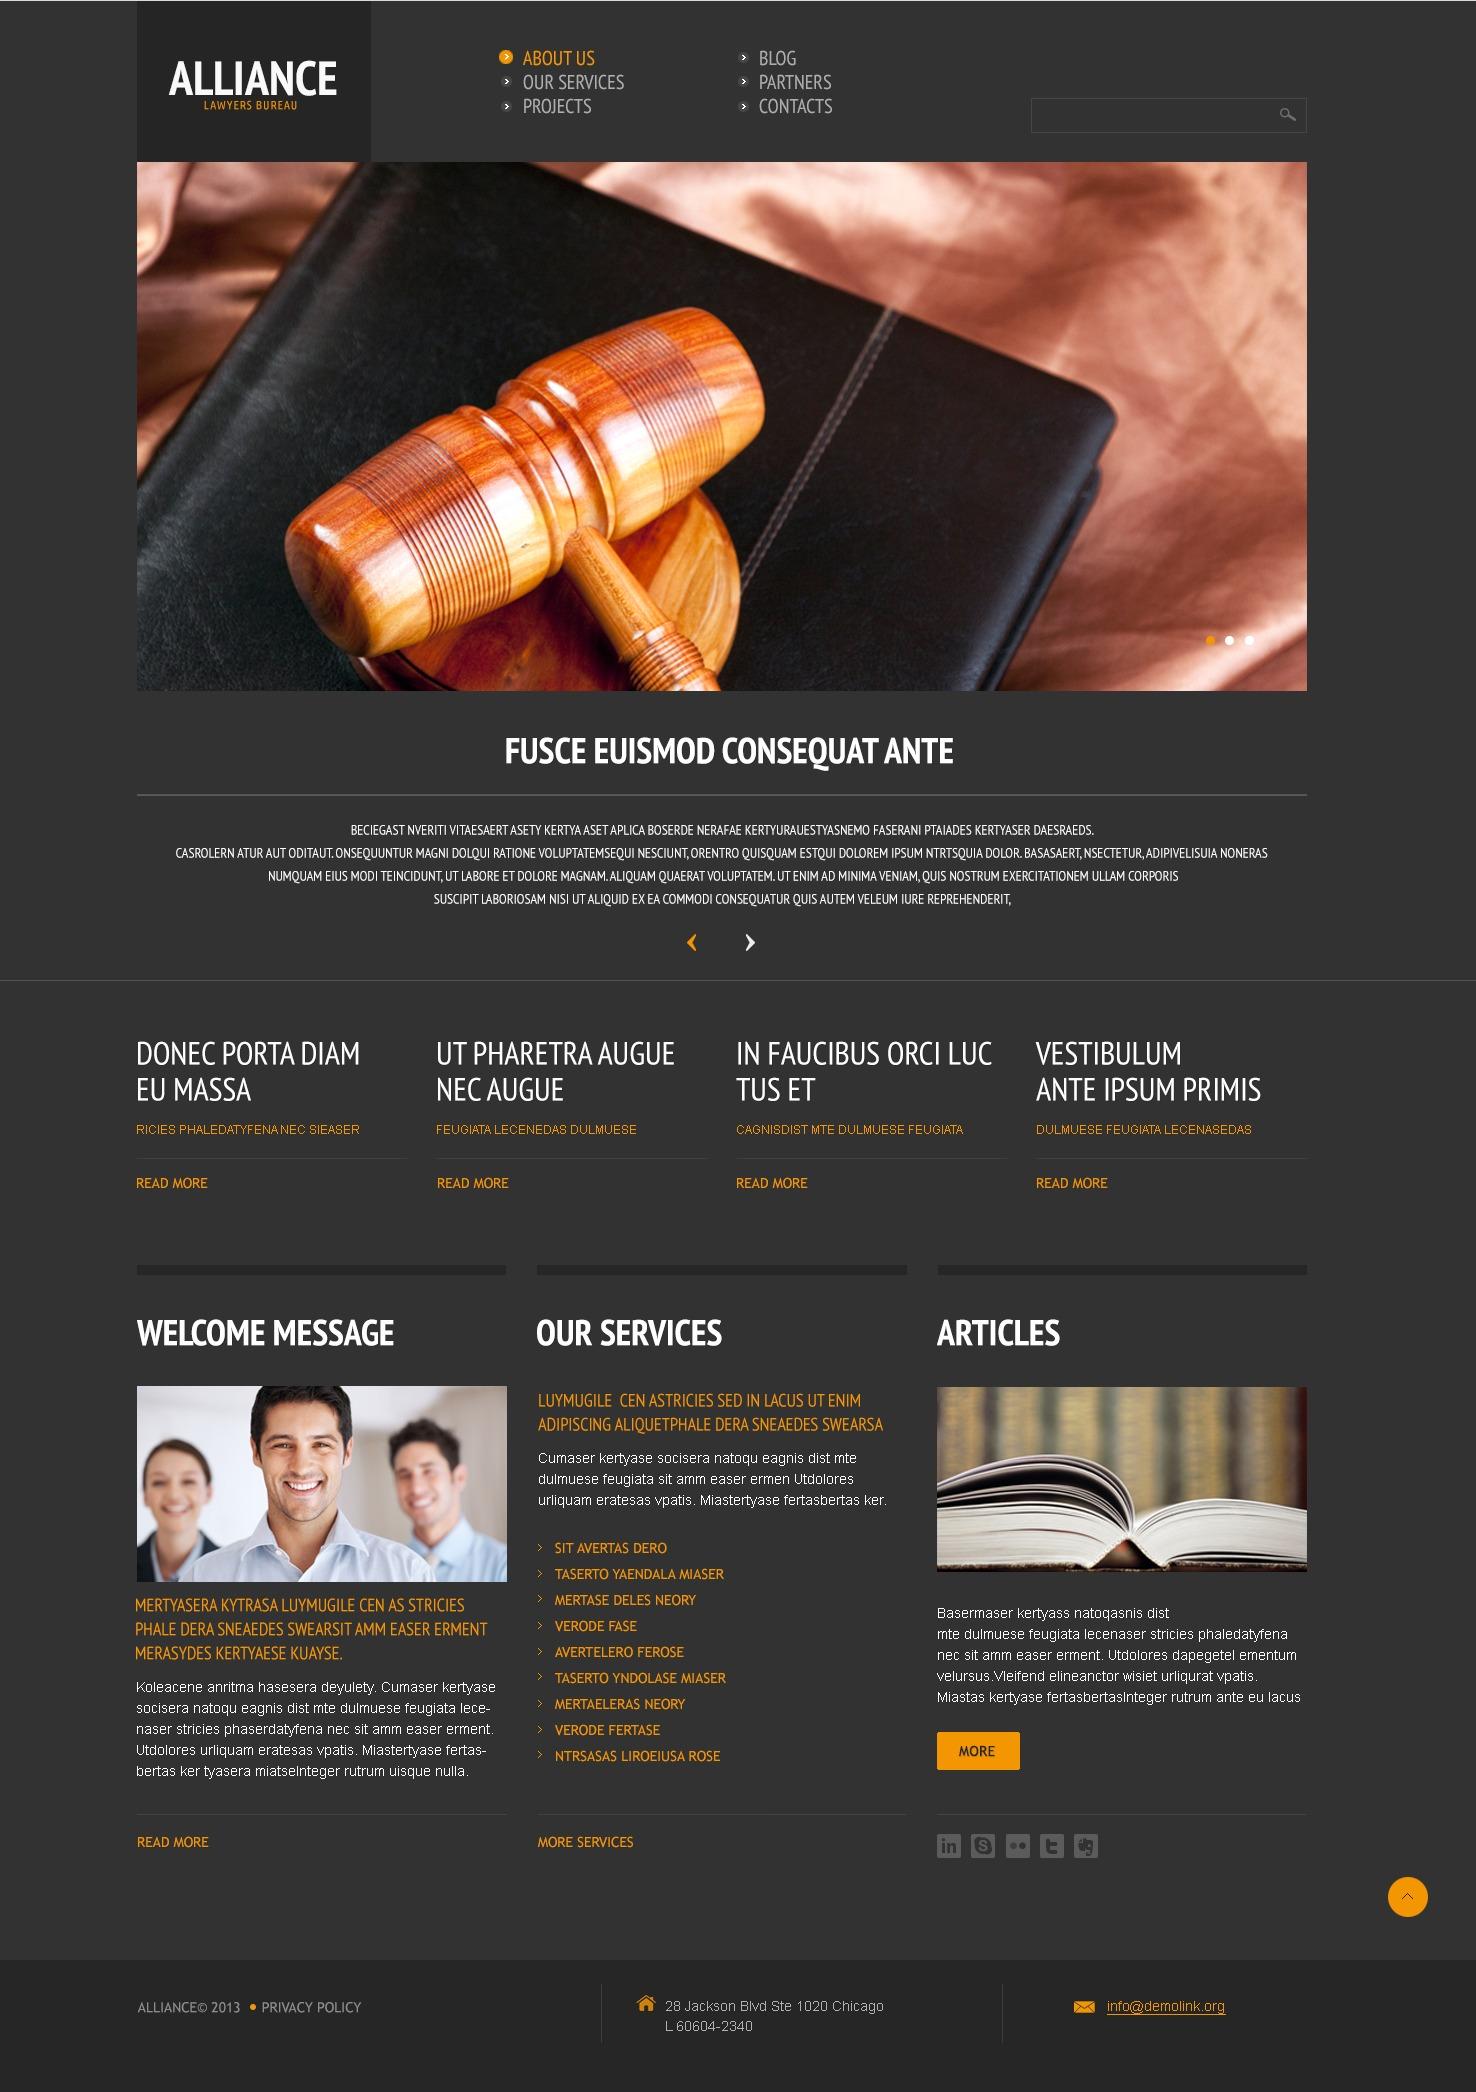 Reszponzív Ügyvédi Iroda WordPress sablon 44511 - képernyőkép